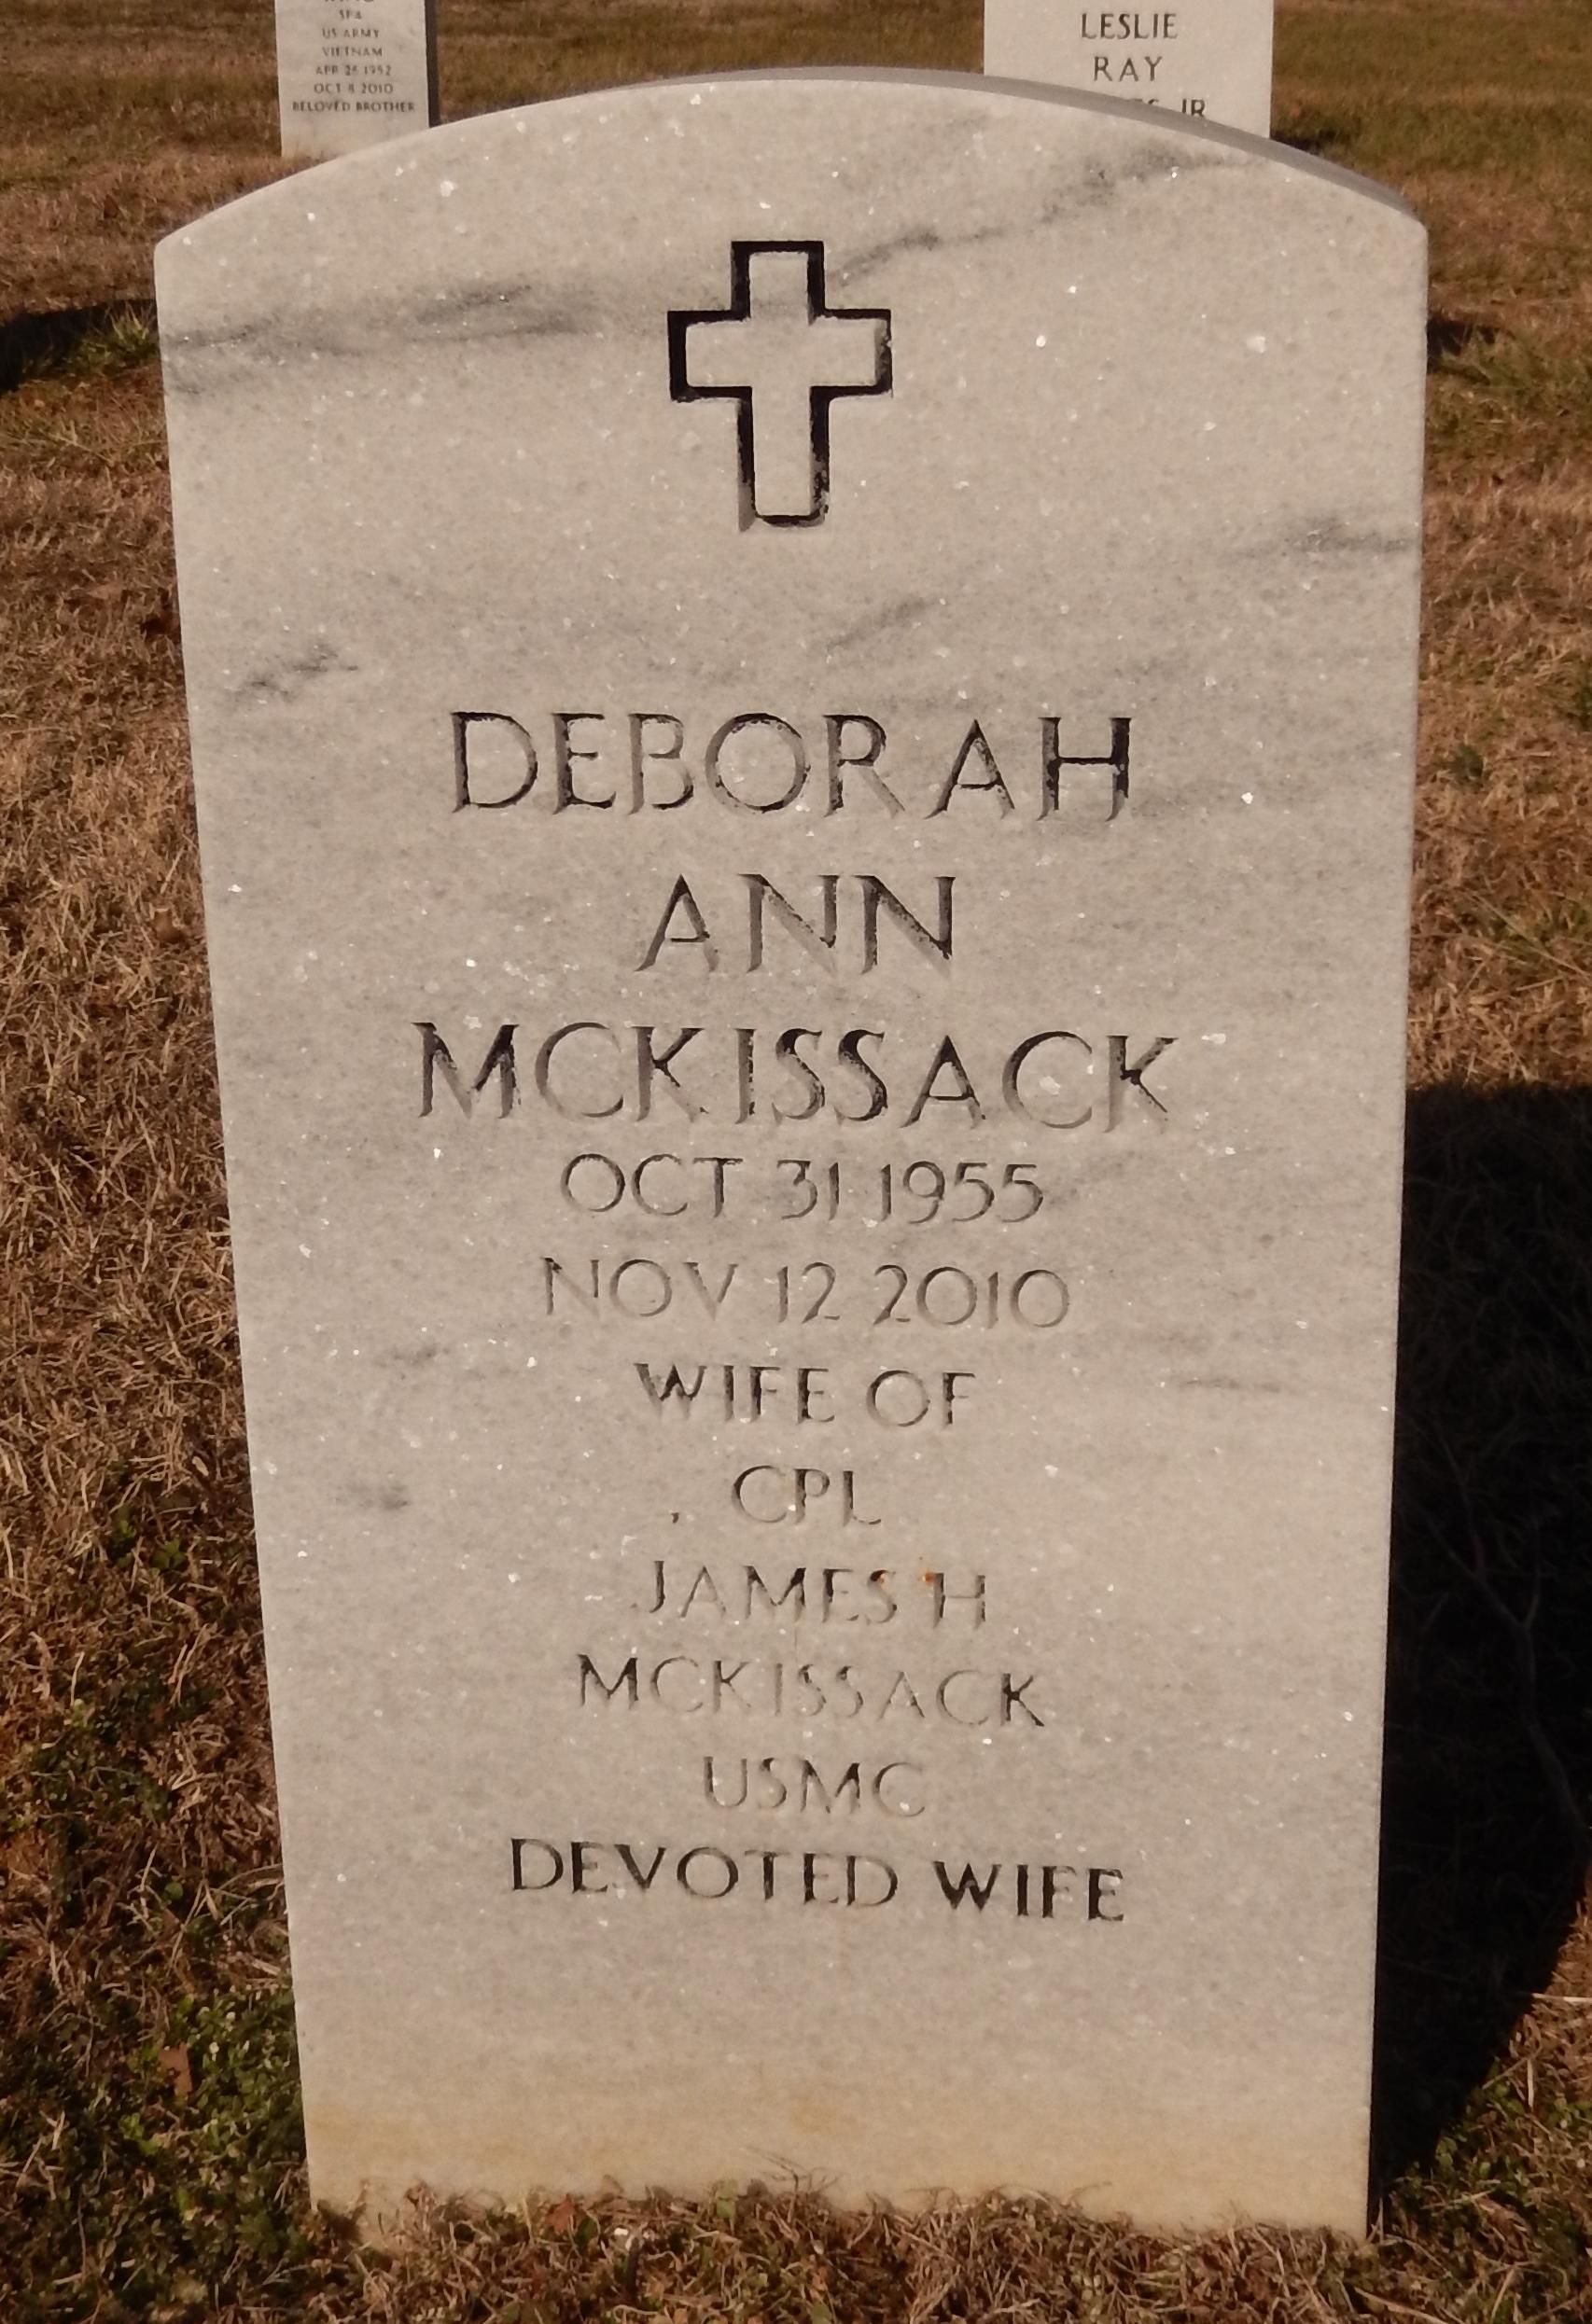 Deborah Ann Mckissack